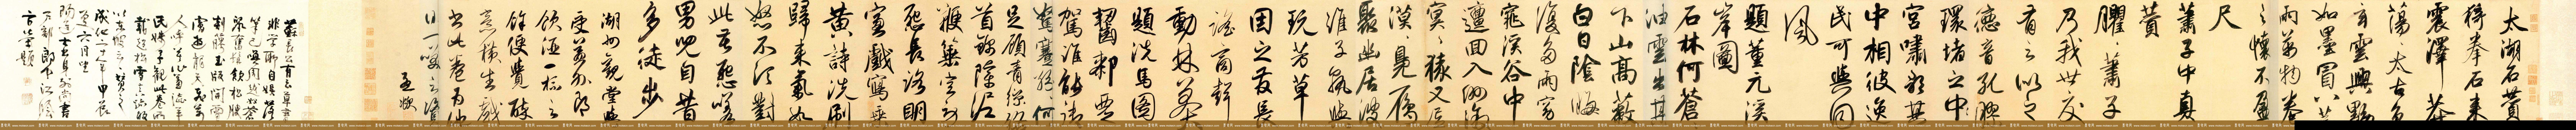 赵孟頫行书长卷欣赏《二赞二诗卷》